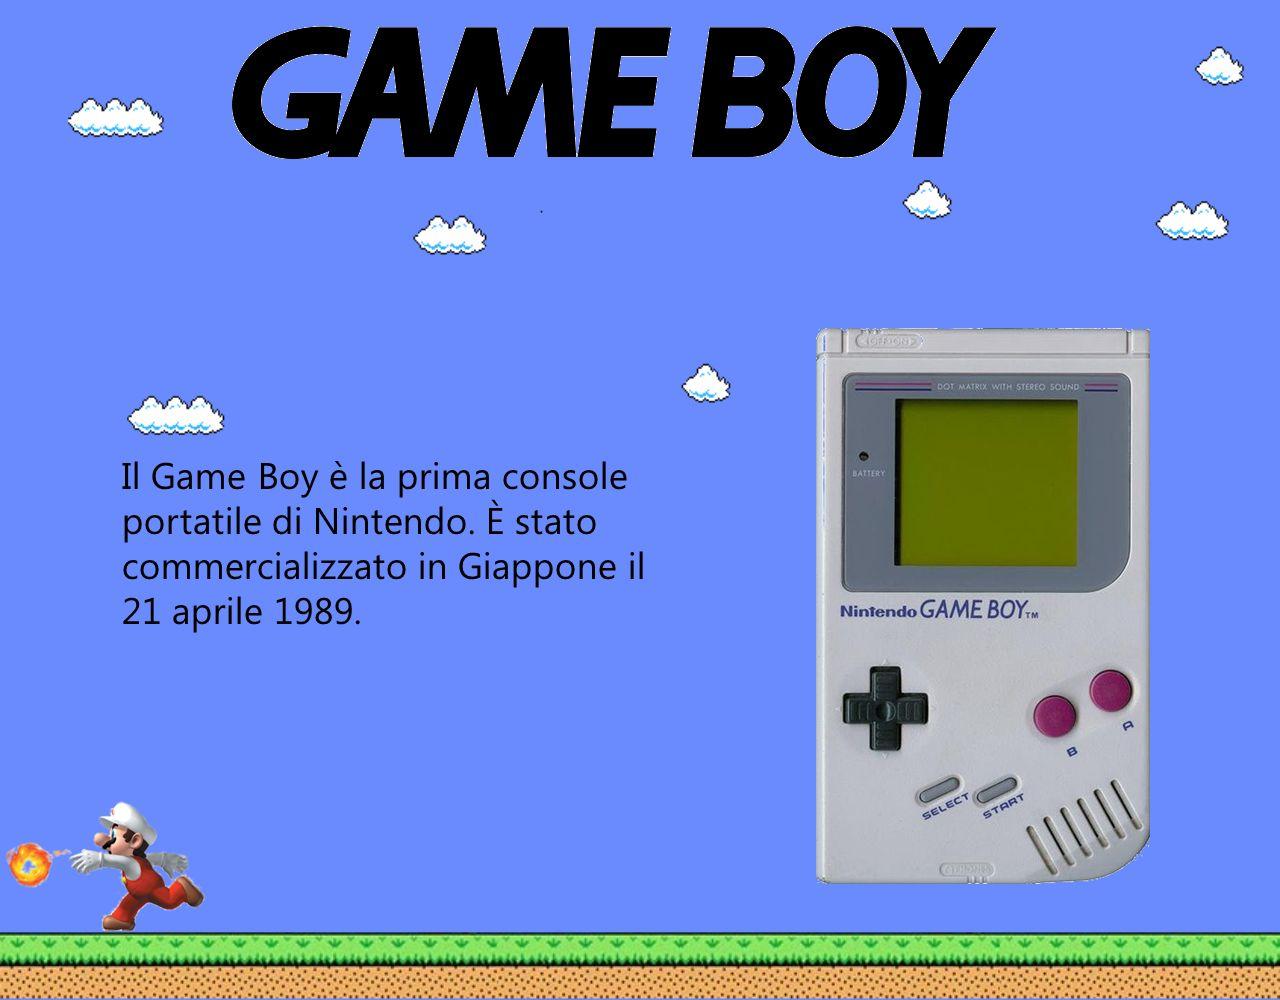 Il Game Boy è la prima console portatile di Nintendo